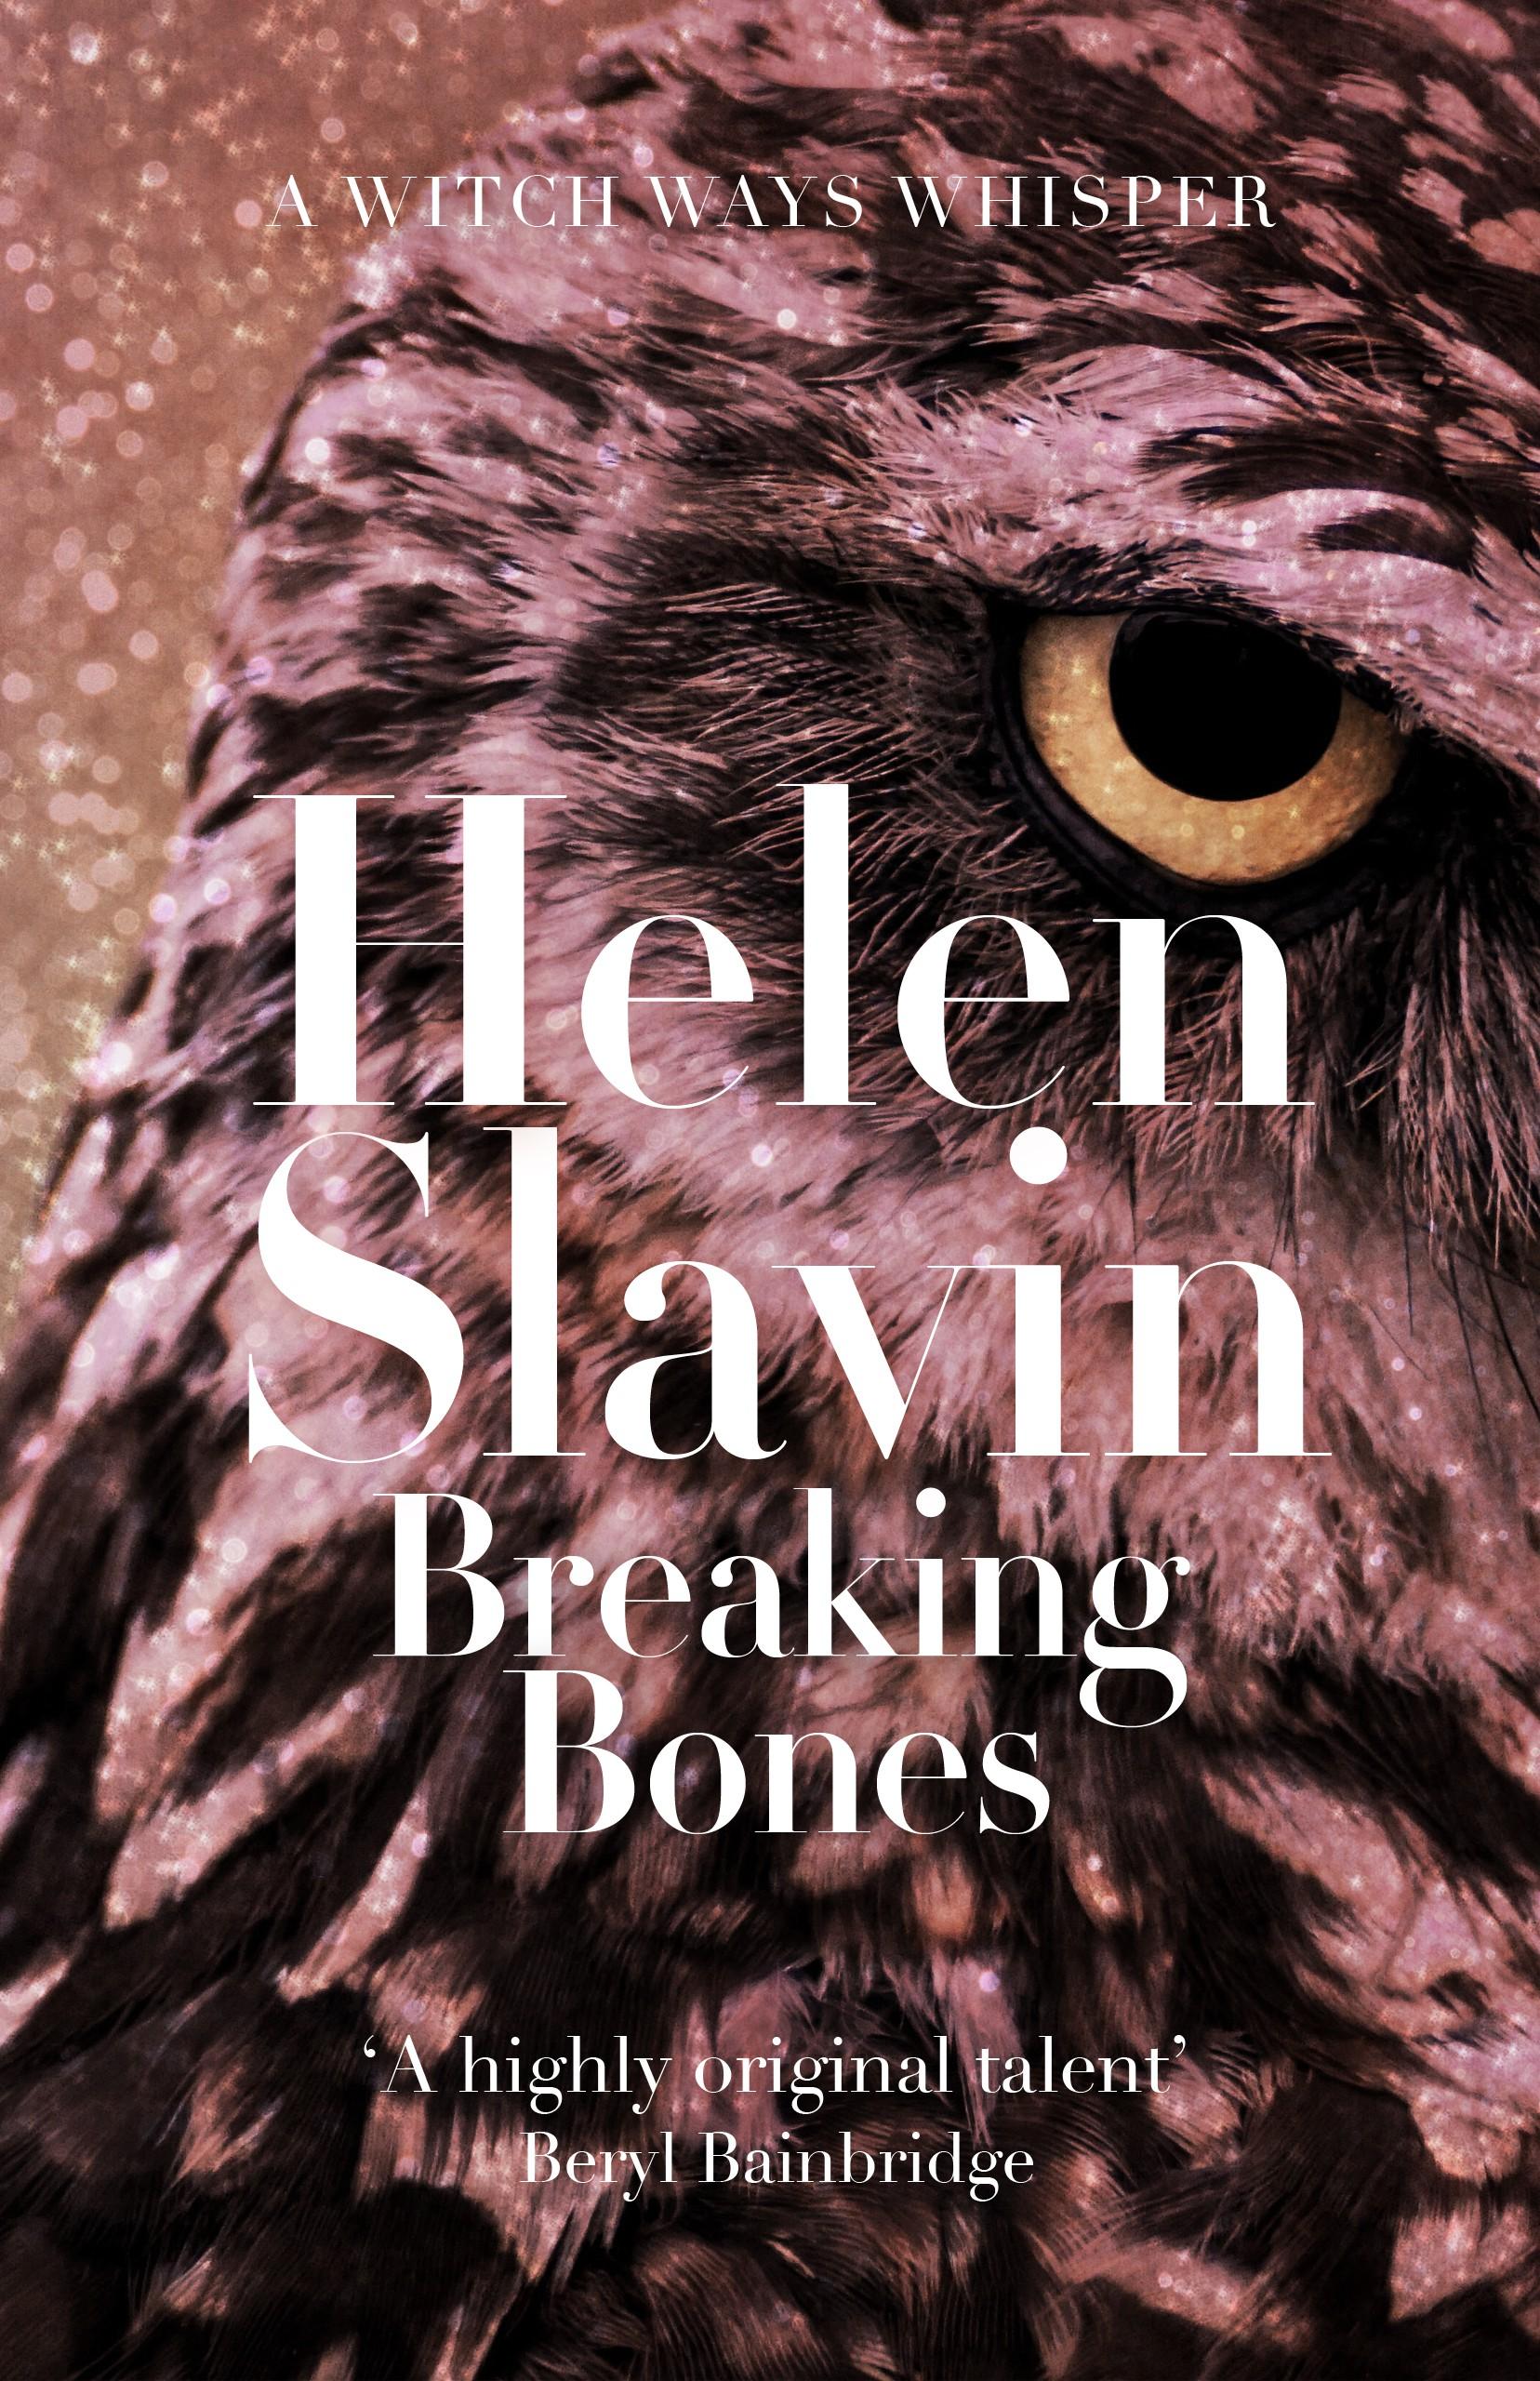 Breaking Bones (Witch Ways) eBook Cover